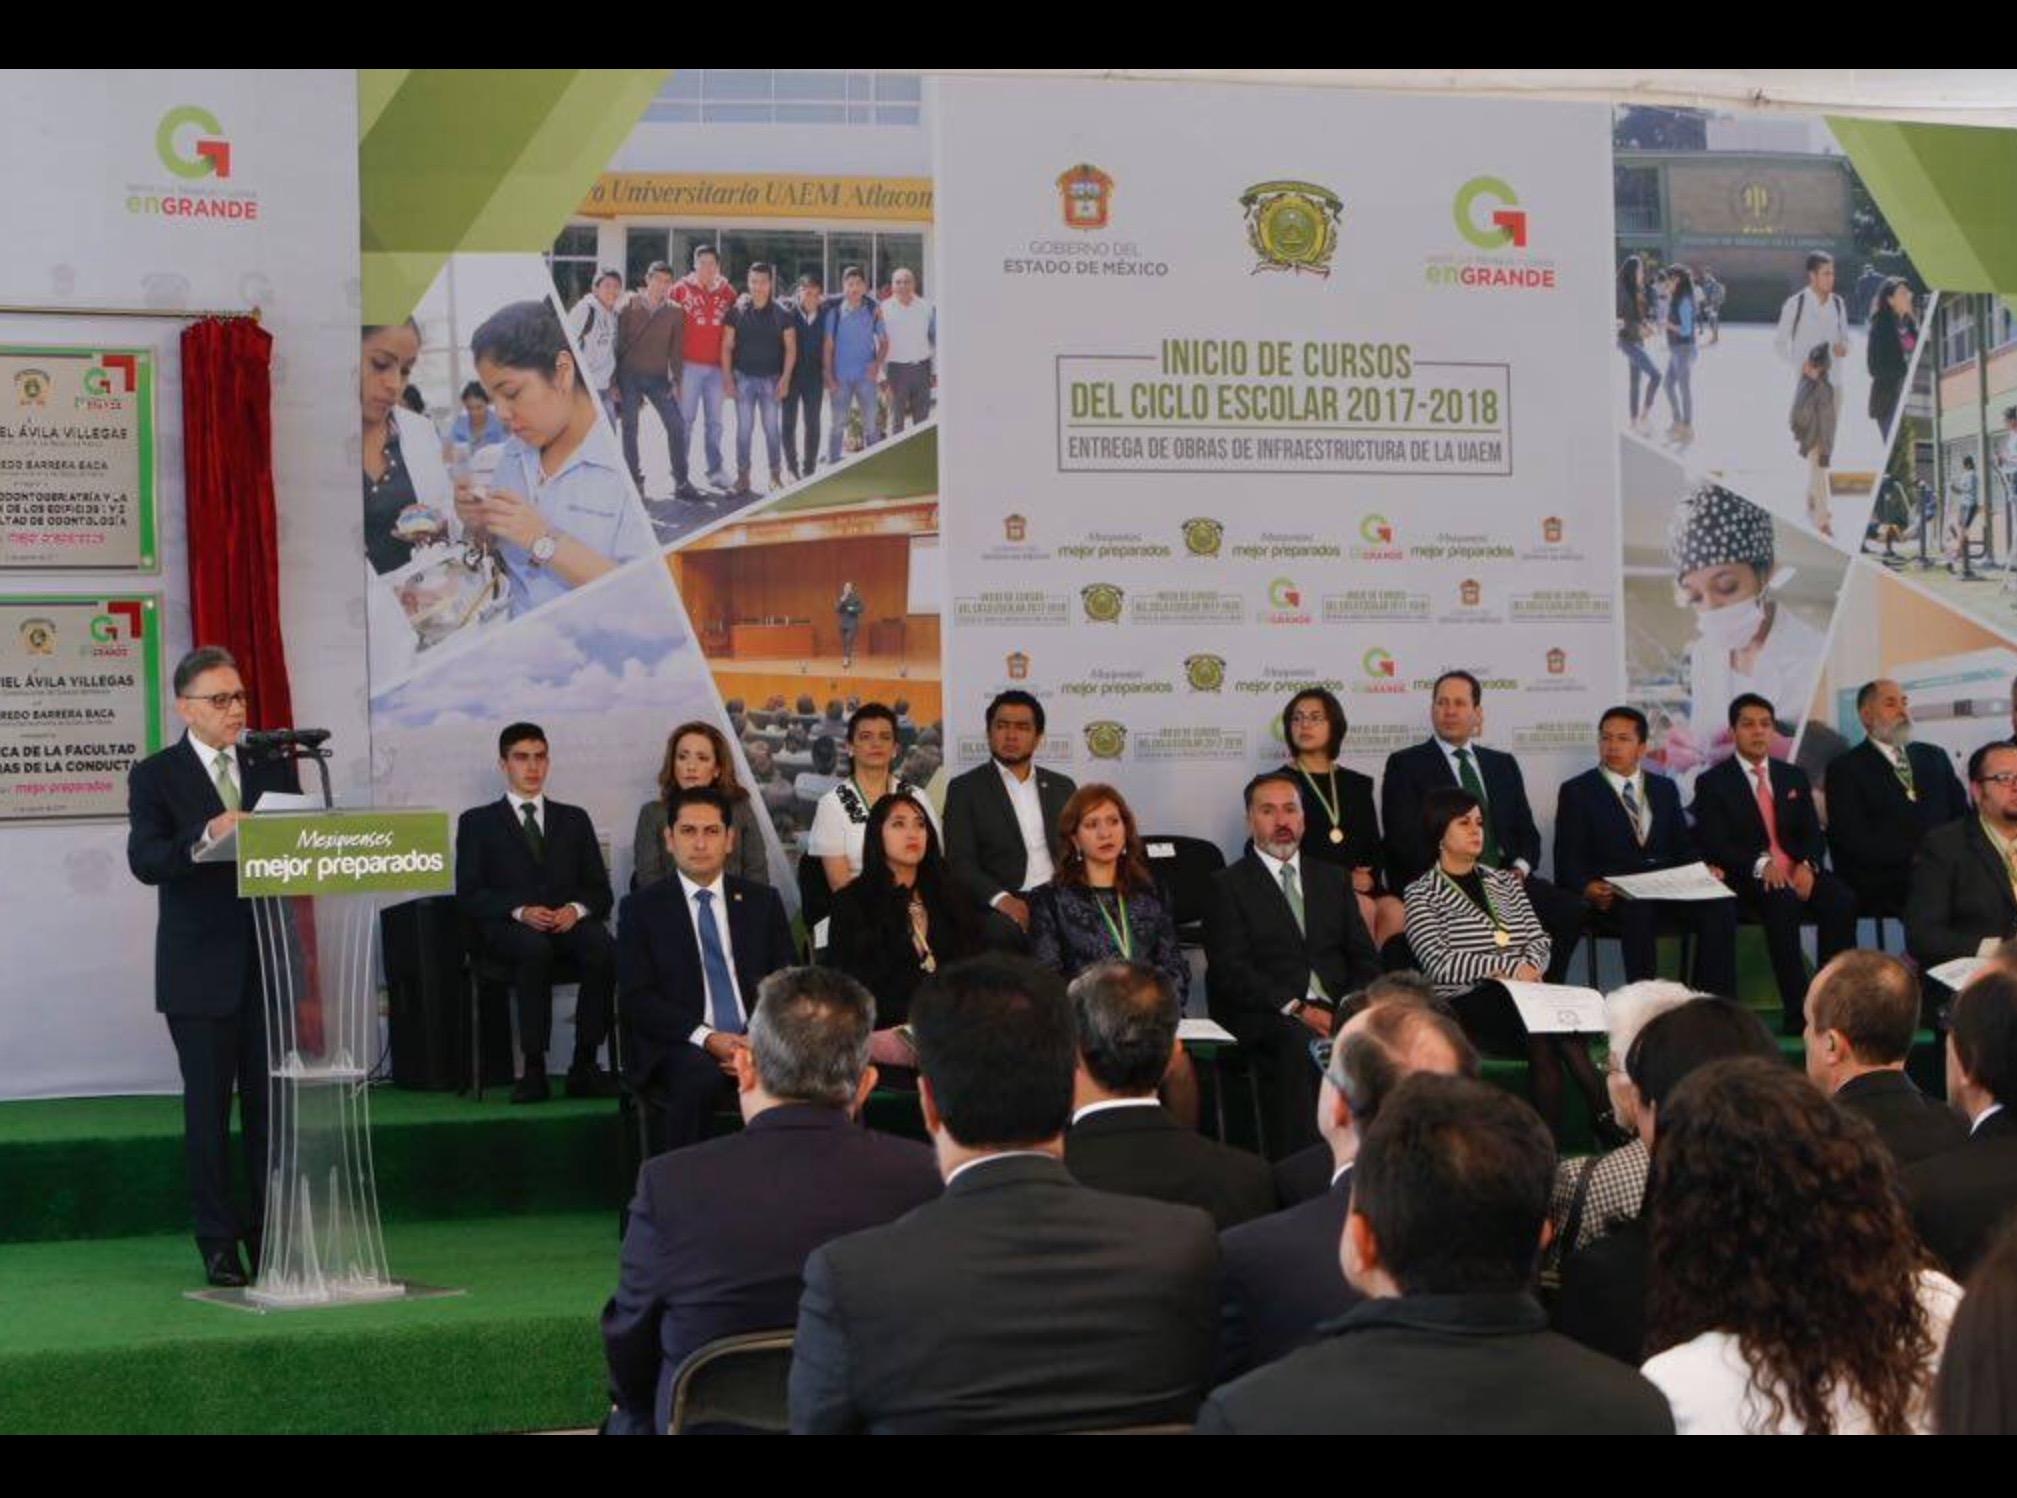 Inauguran ciclo escolar rector y alumnos de excelencia de UAEM